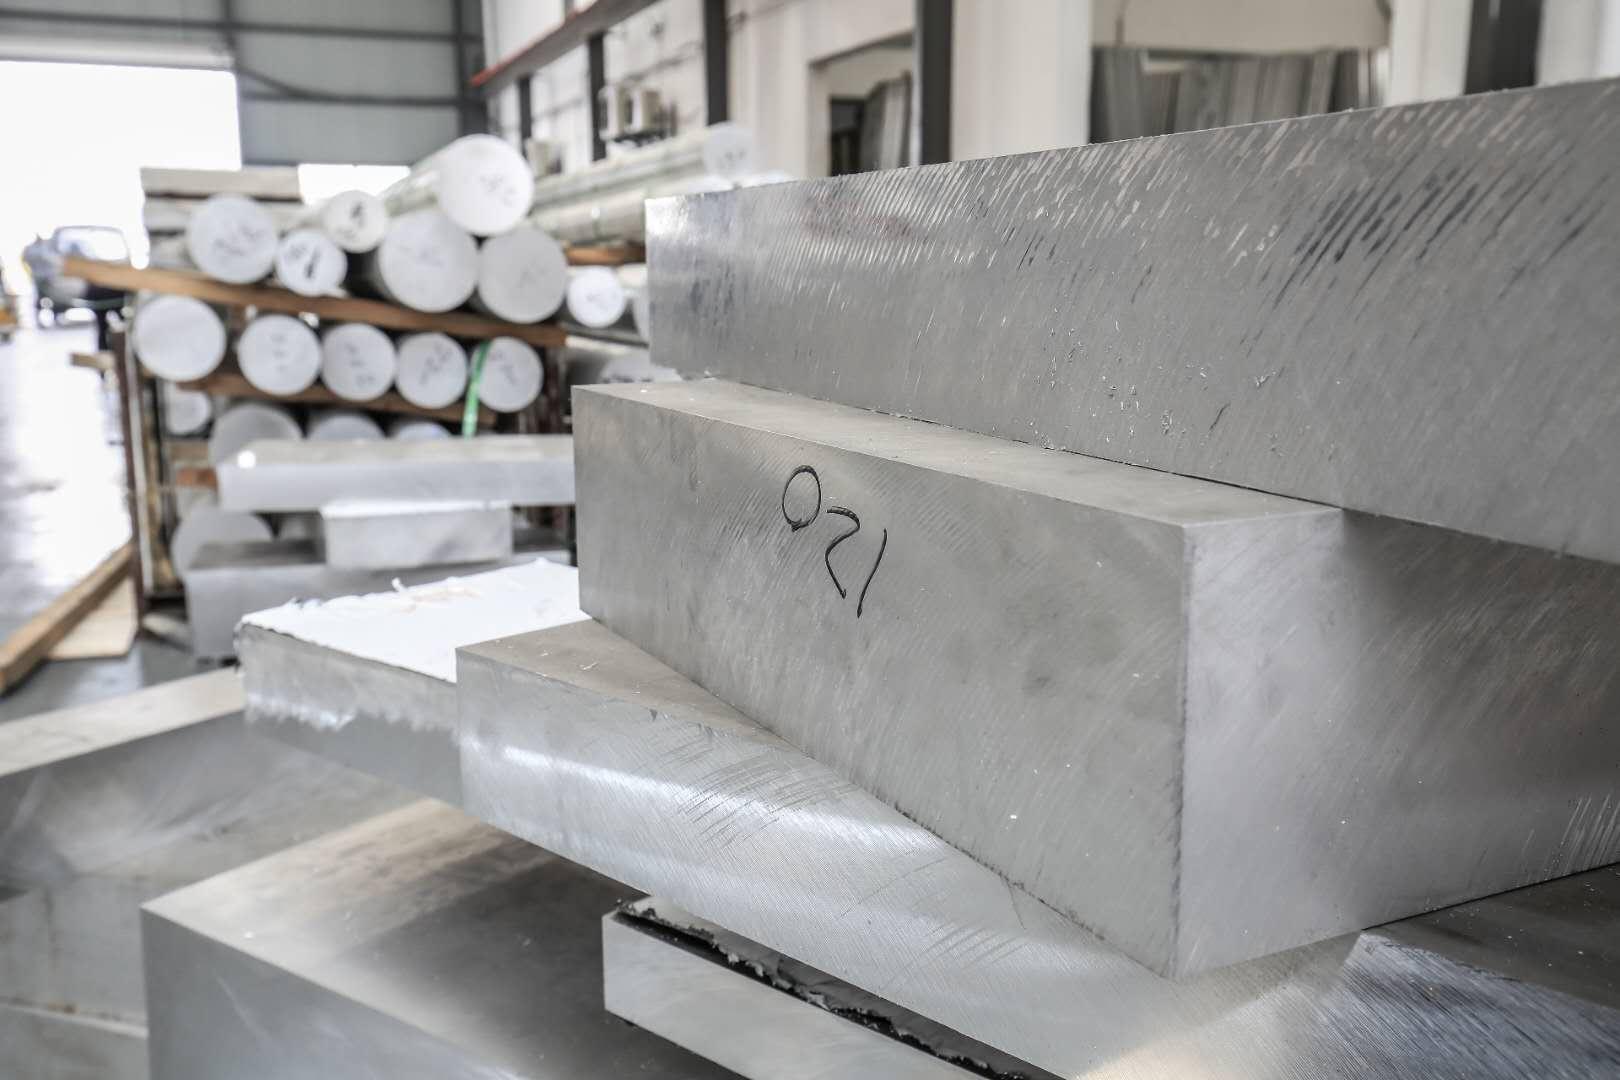 上海韵贤金属厂家直销6061铝板铝棒7A05铝板货源充足 优质推荐 上海韵贤金属制品供应